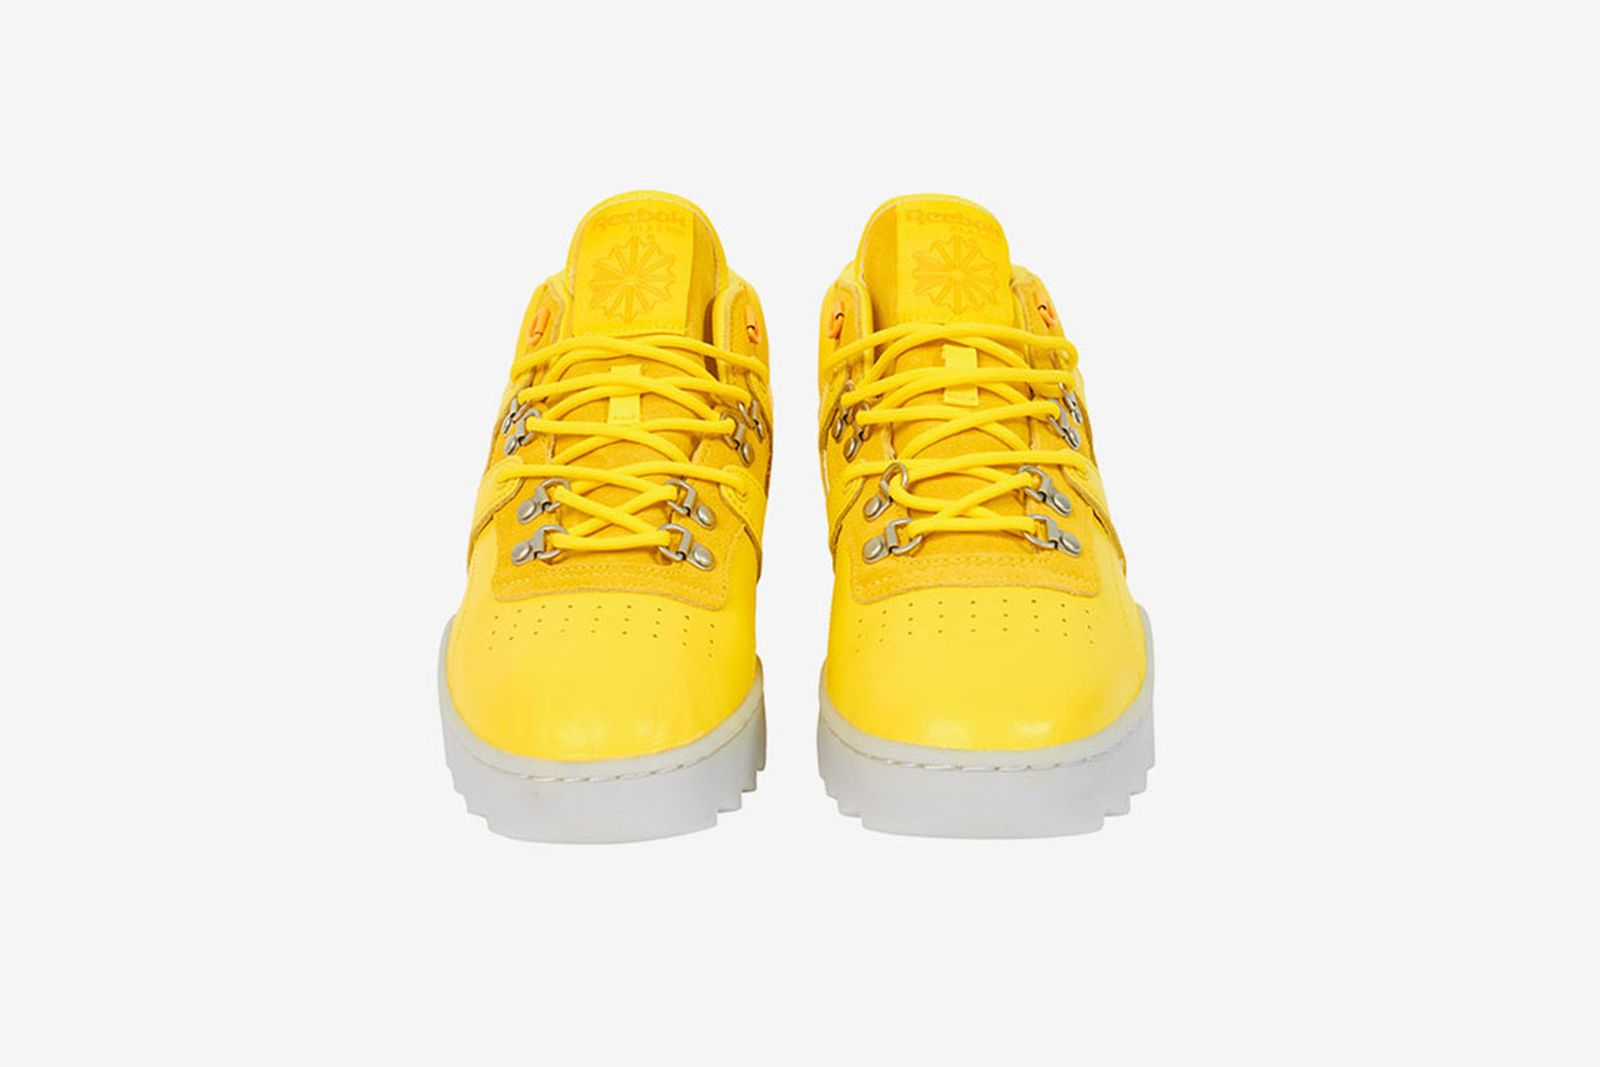 Palace x Reebok OG Workout Ripple yellow